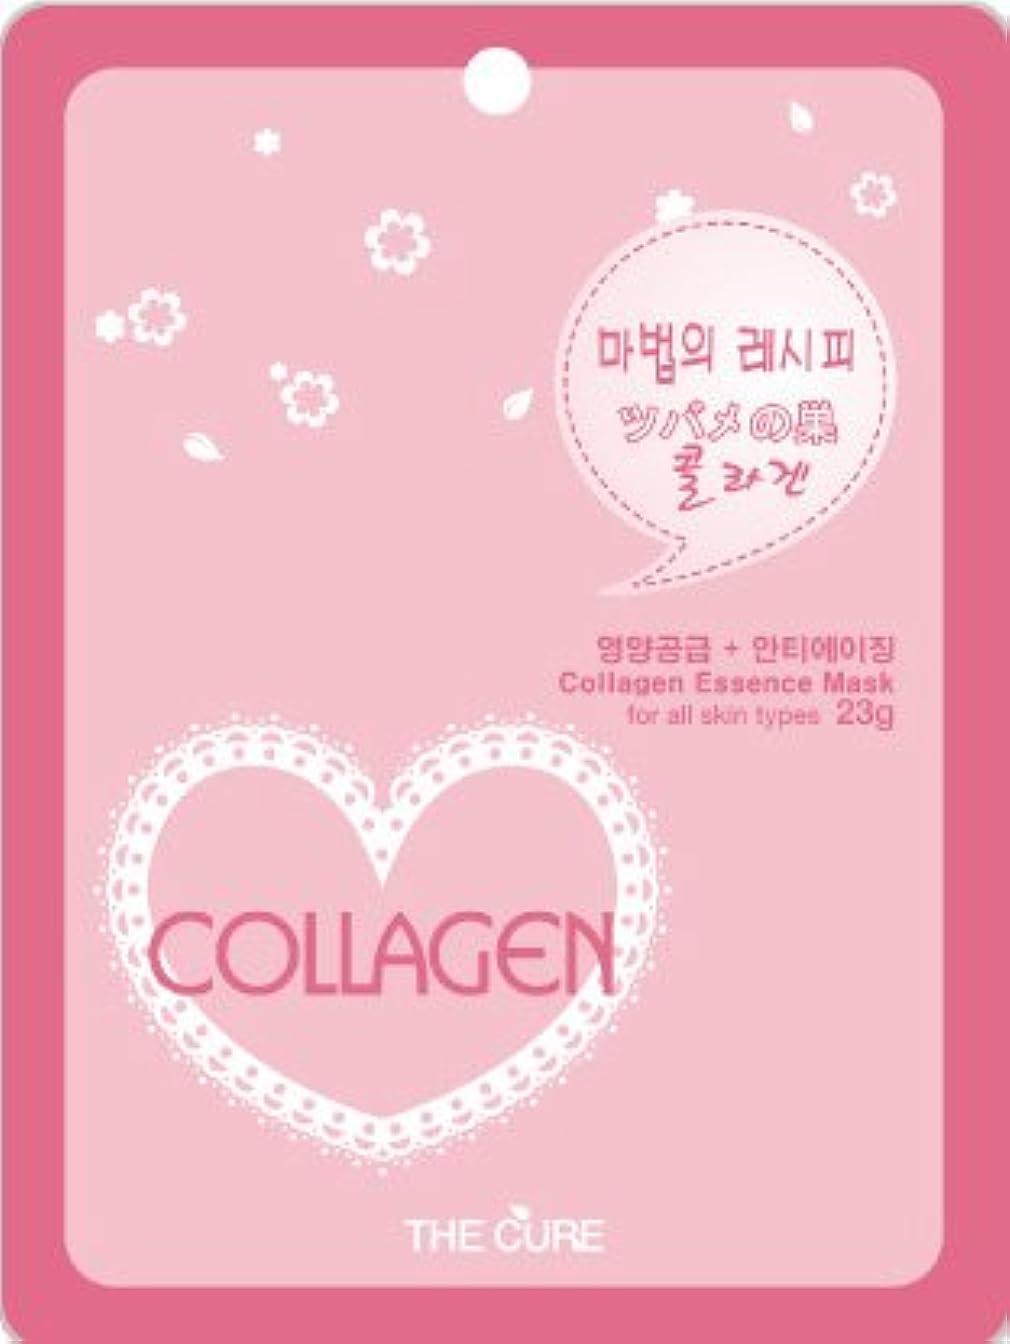 ランタンポータブル荷物コラーゲン エッセンス マスク THE CURE シート パック 10枚セット 韓国 コスメ 乾燥肌 オイリー肌 混合肌